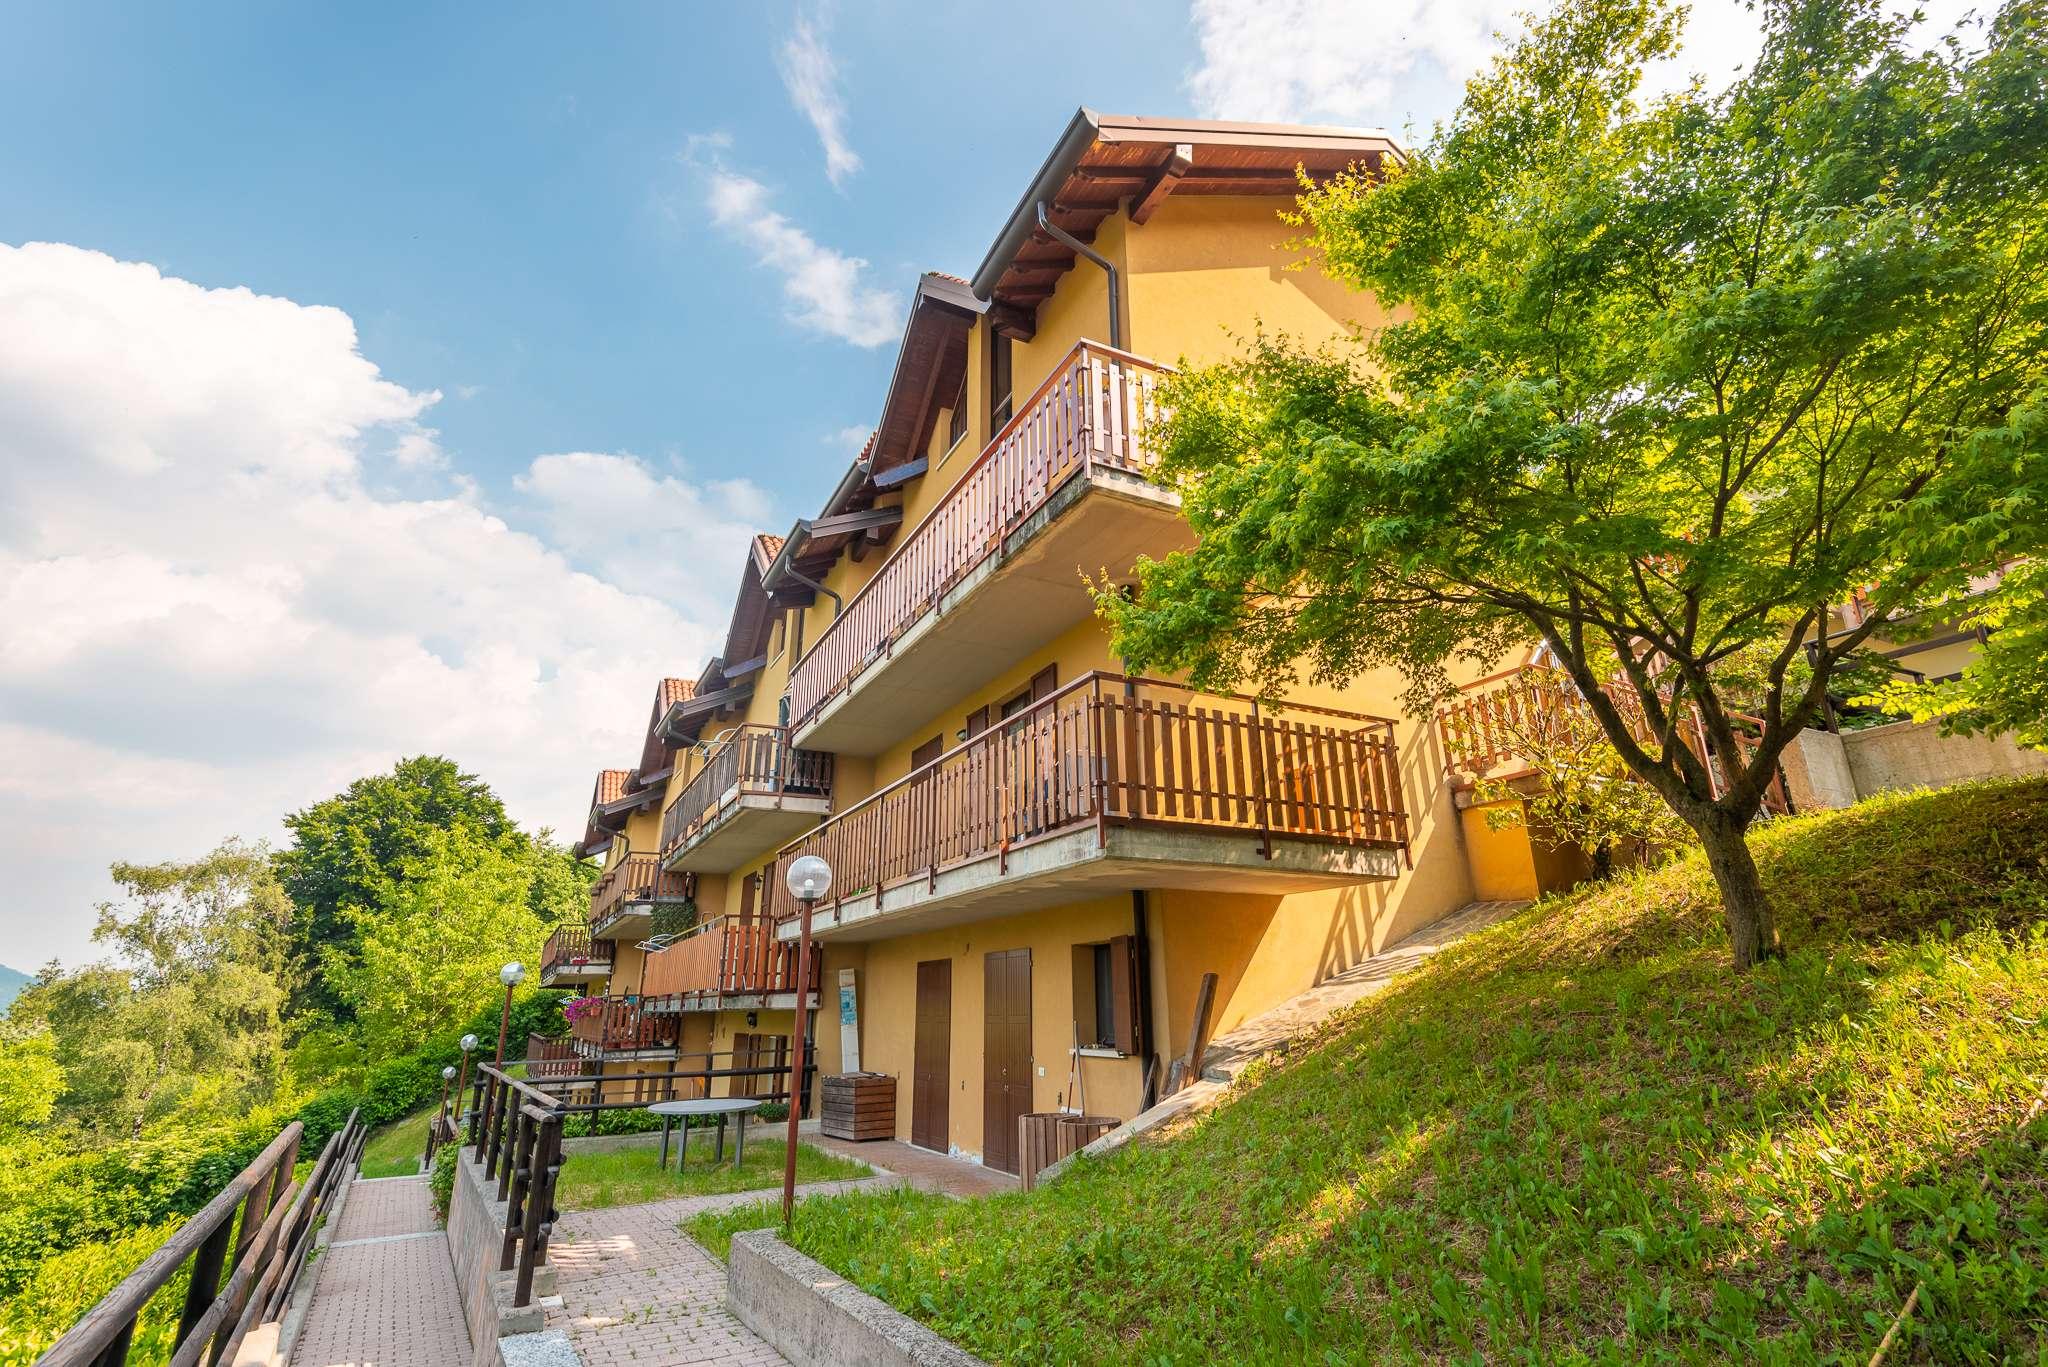 Appartamento in vendita a Strozza, 2 locali, prezzo € 59.000   PortaleAgenzieImmobiliari.it